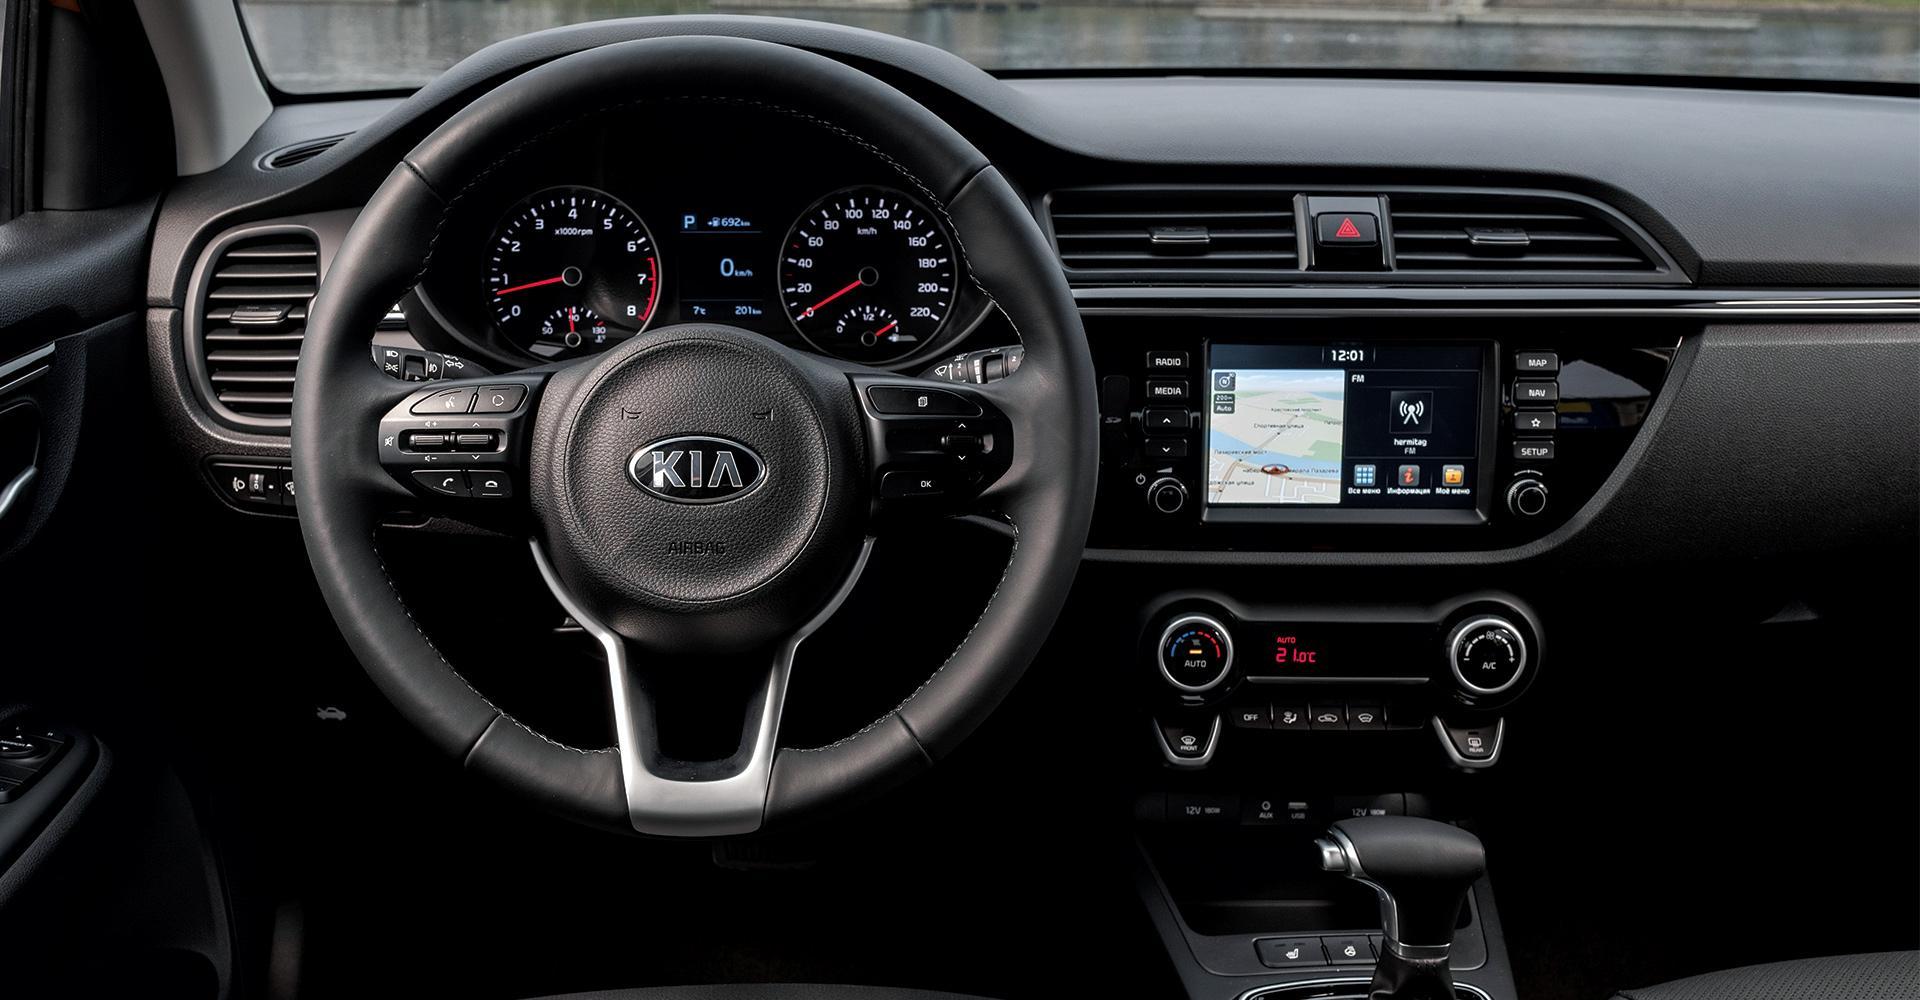 Бюджетный Кия KX1 получил новейшую трансмиссию